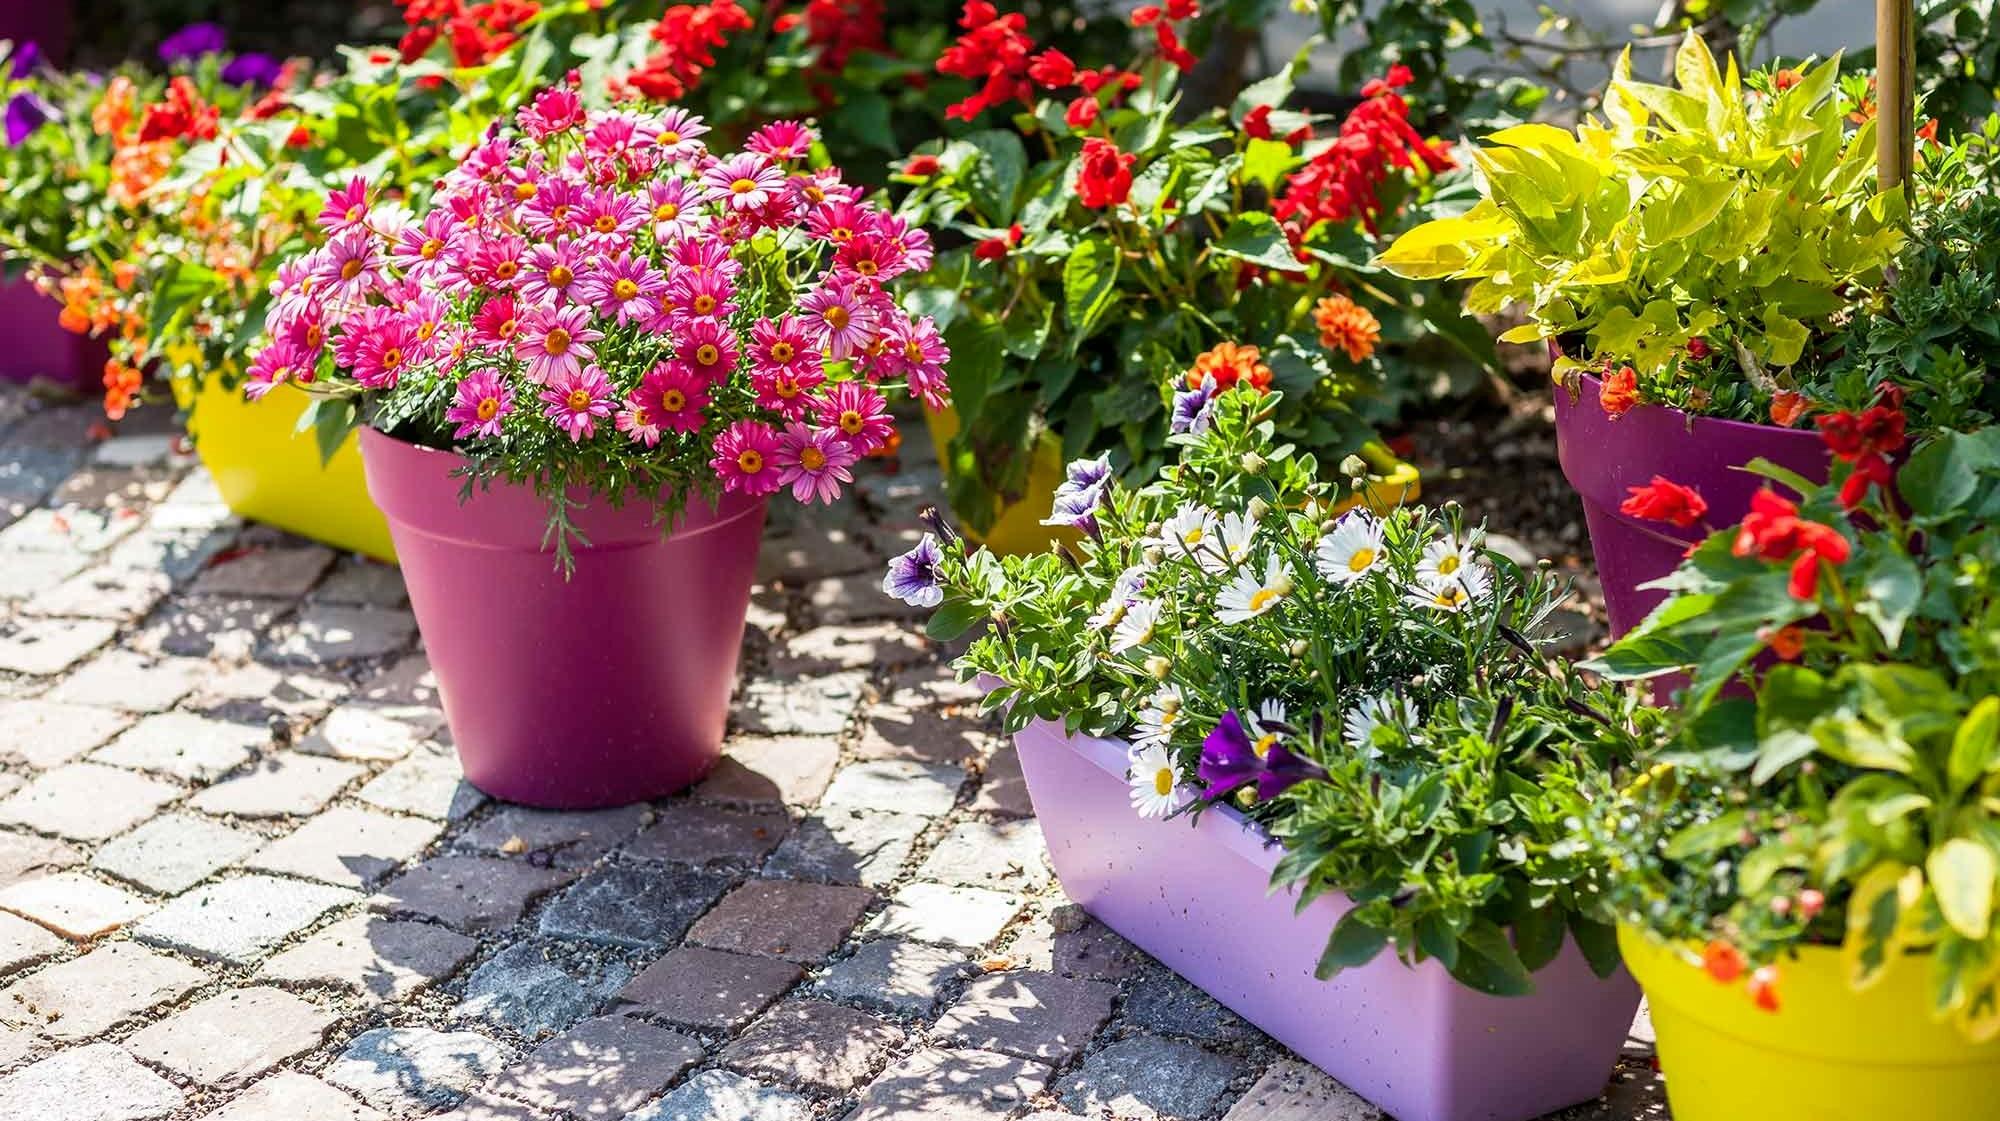 odla blommor utomhus